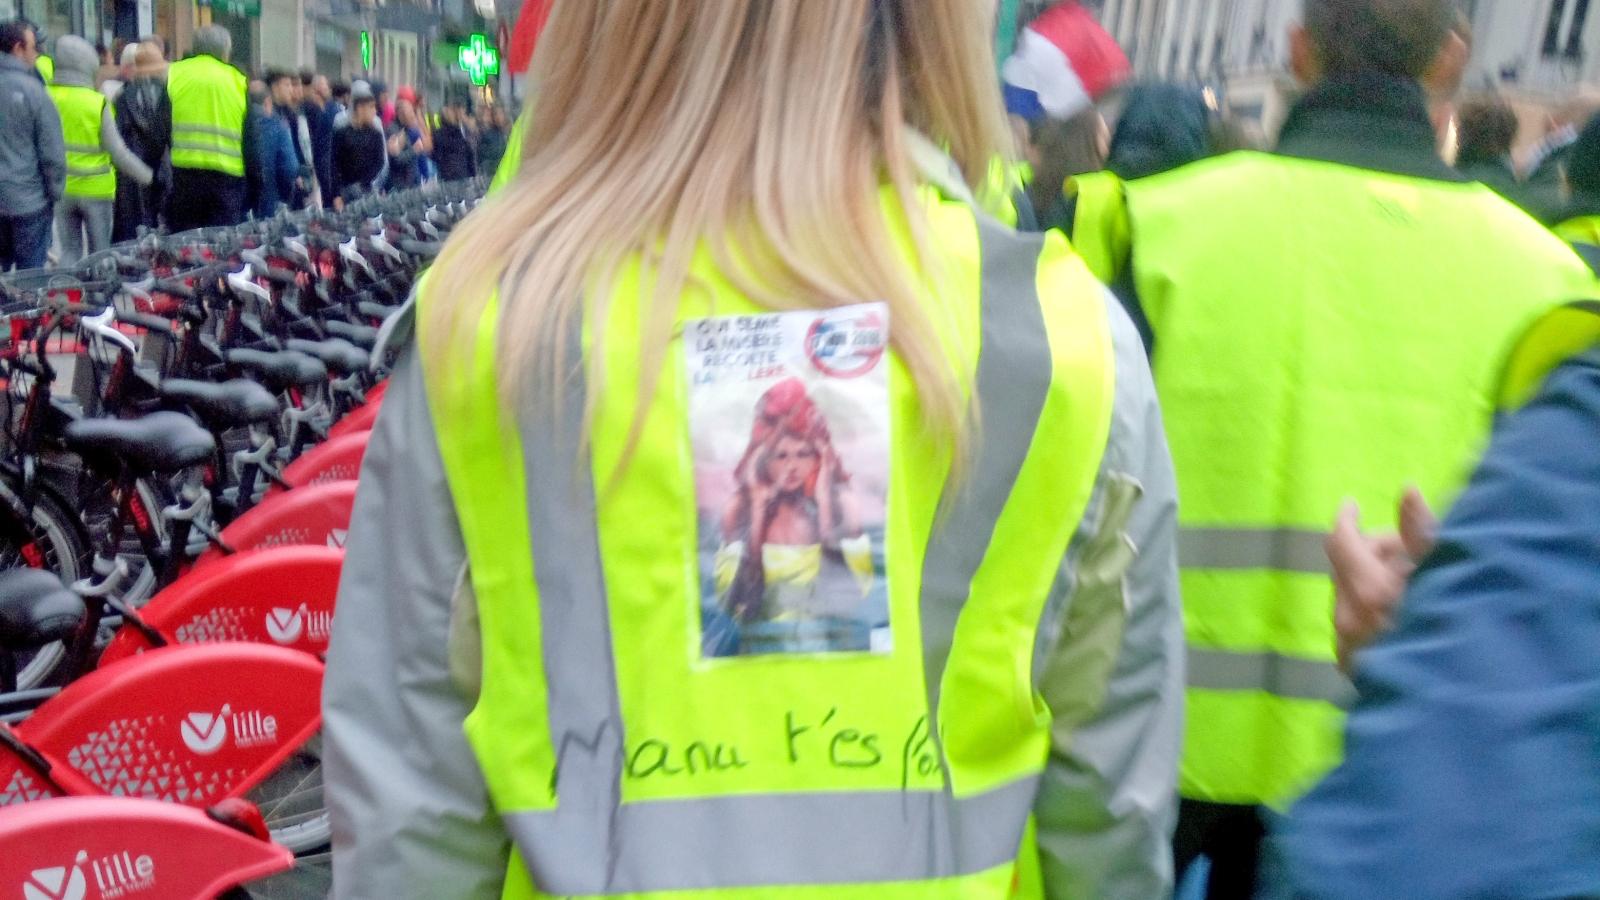 De gule vestene og andre protesterer i mot avgiftsøkninger. Den som sår elendighet, vil høste vrede! Vi lar oss ikke melke mer! Foto fra Wikipedia. Bildet er fra byen Lille i 2018.